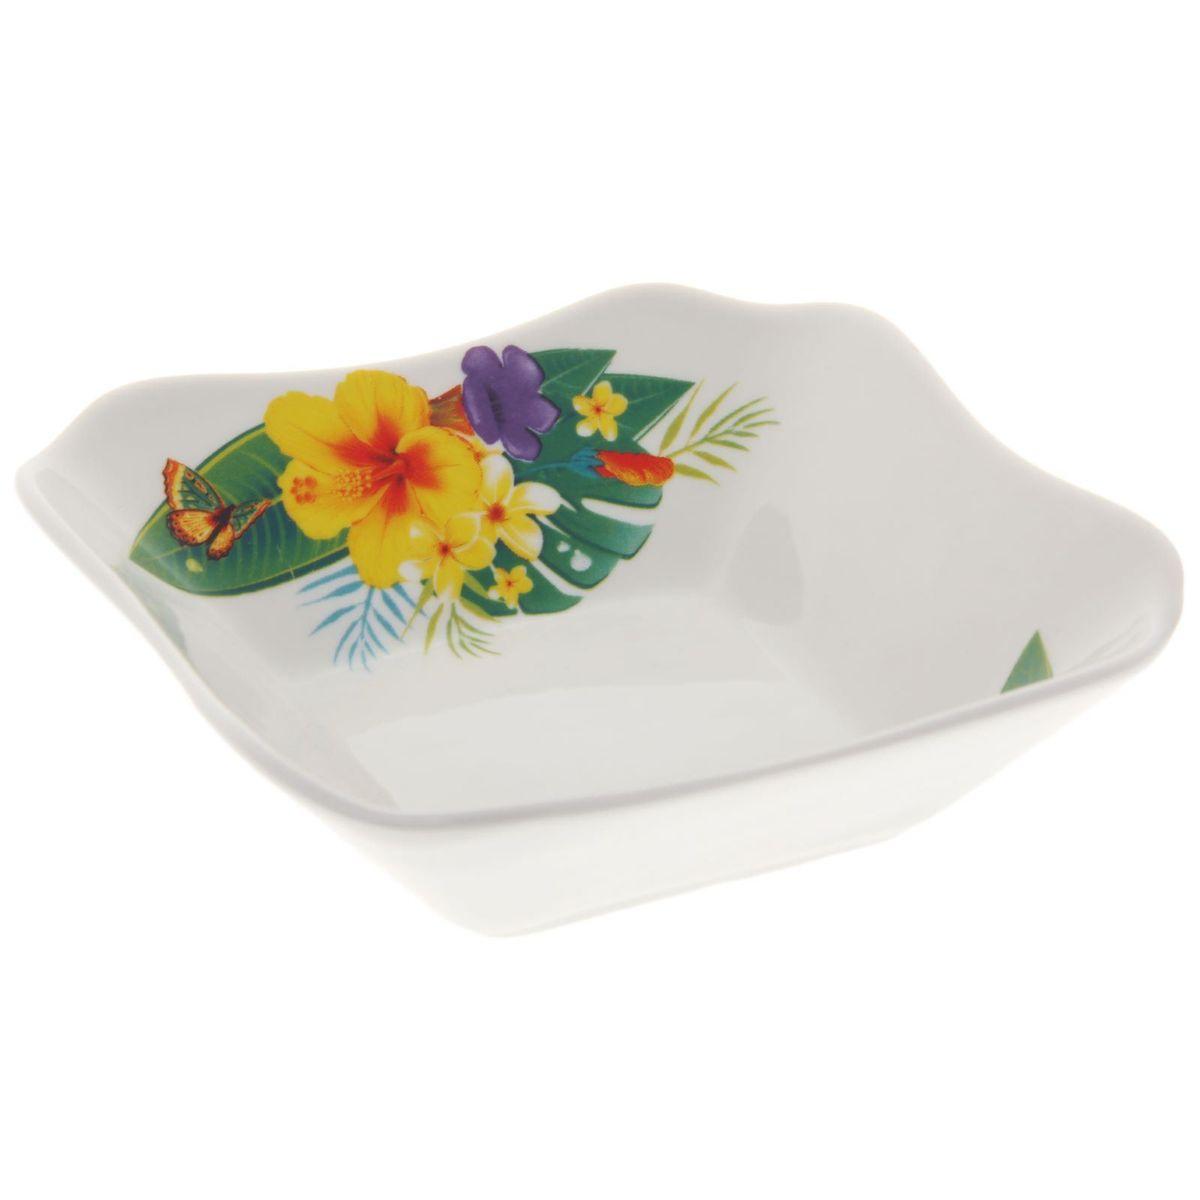 Салатник Райский остров, квадратный, 450 мл1303778Элегантный квадратный салатник Райский остров, изготовленный из высококачественного фарфора, прекрасно подойдет для подачи различных блюд: закусок, салатов или фруктов. Такой салатник украсит ваш праздничный или обеденный стол, а оригинальное исполнение понравится любой хозяйке.Размер салатника: 15 х 15 см.